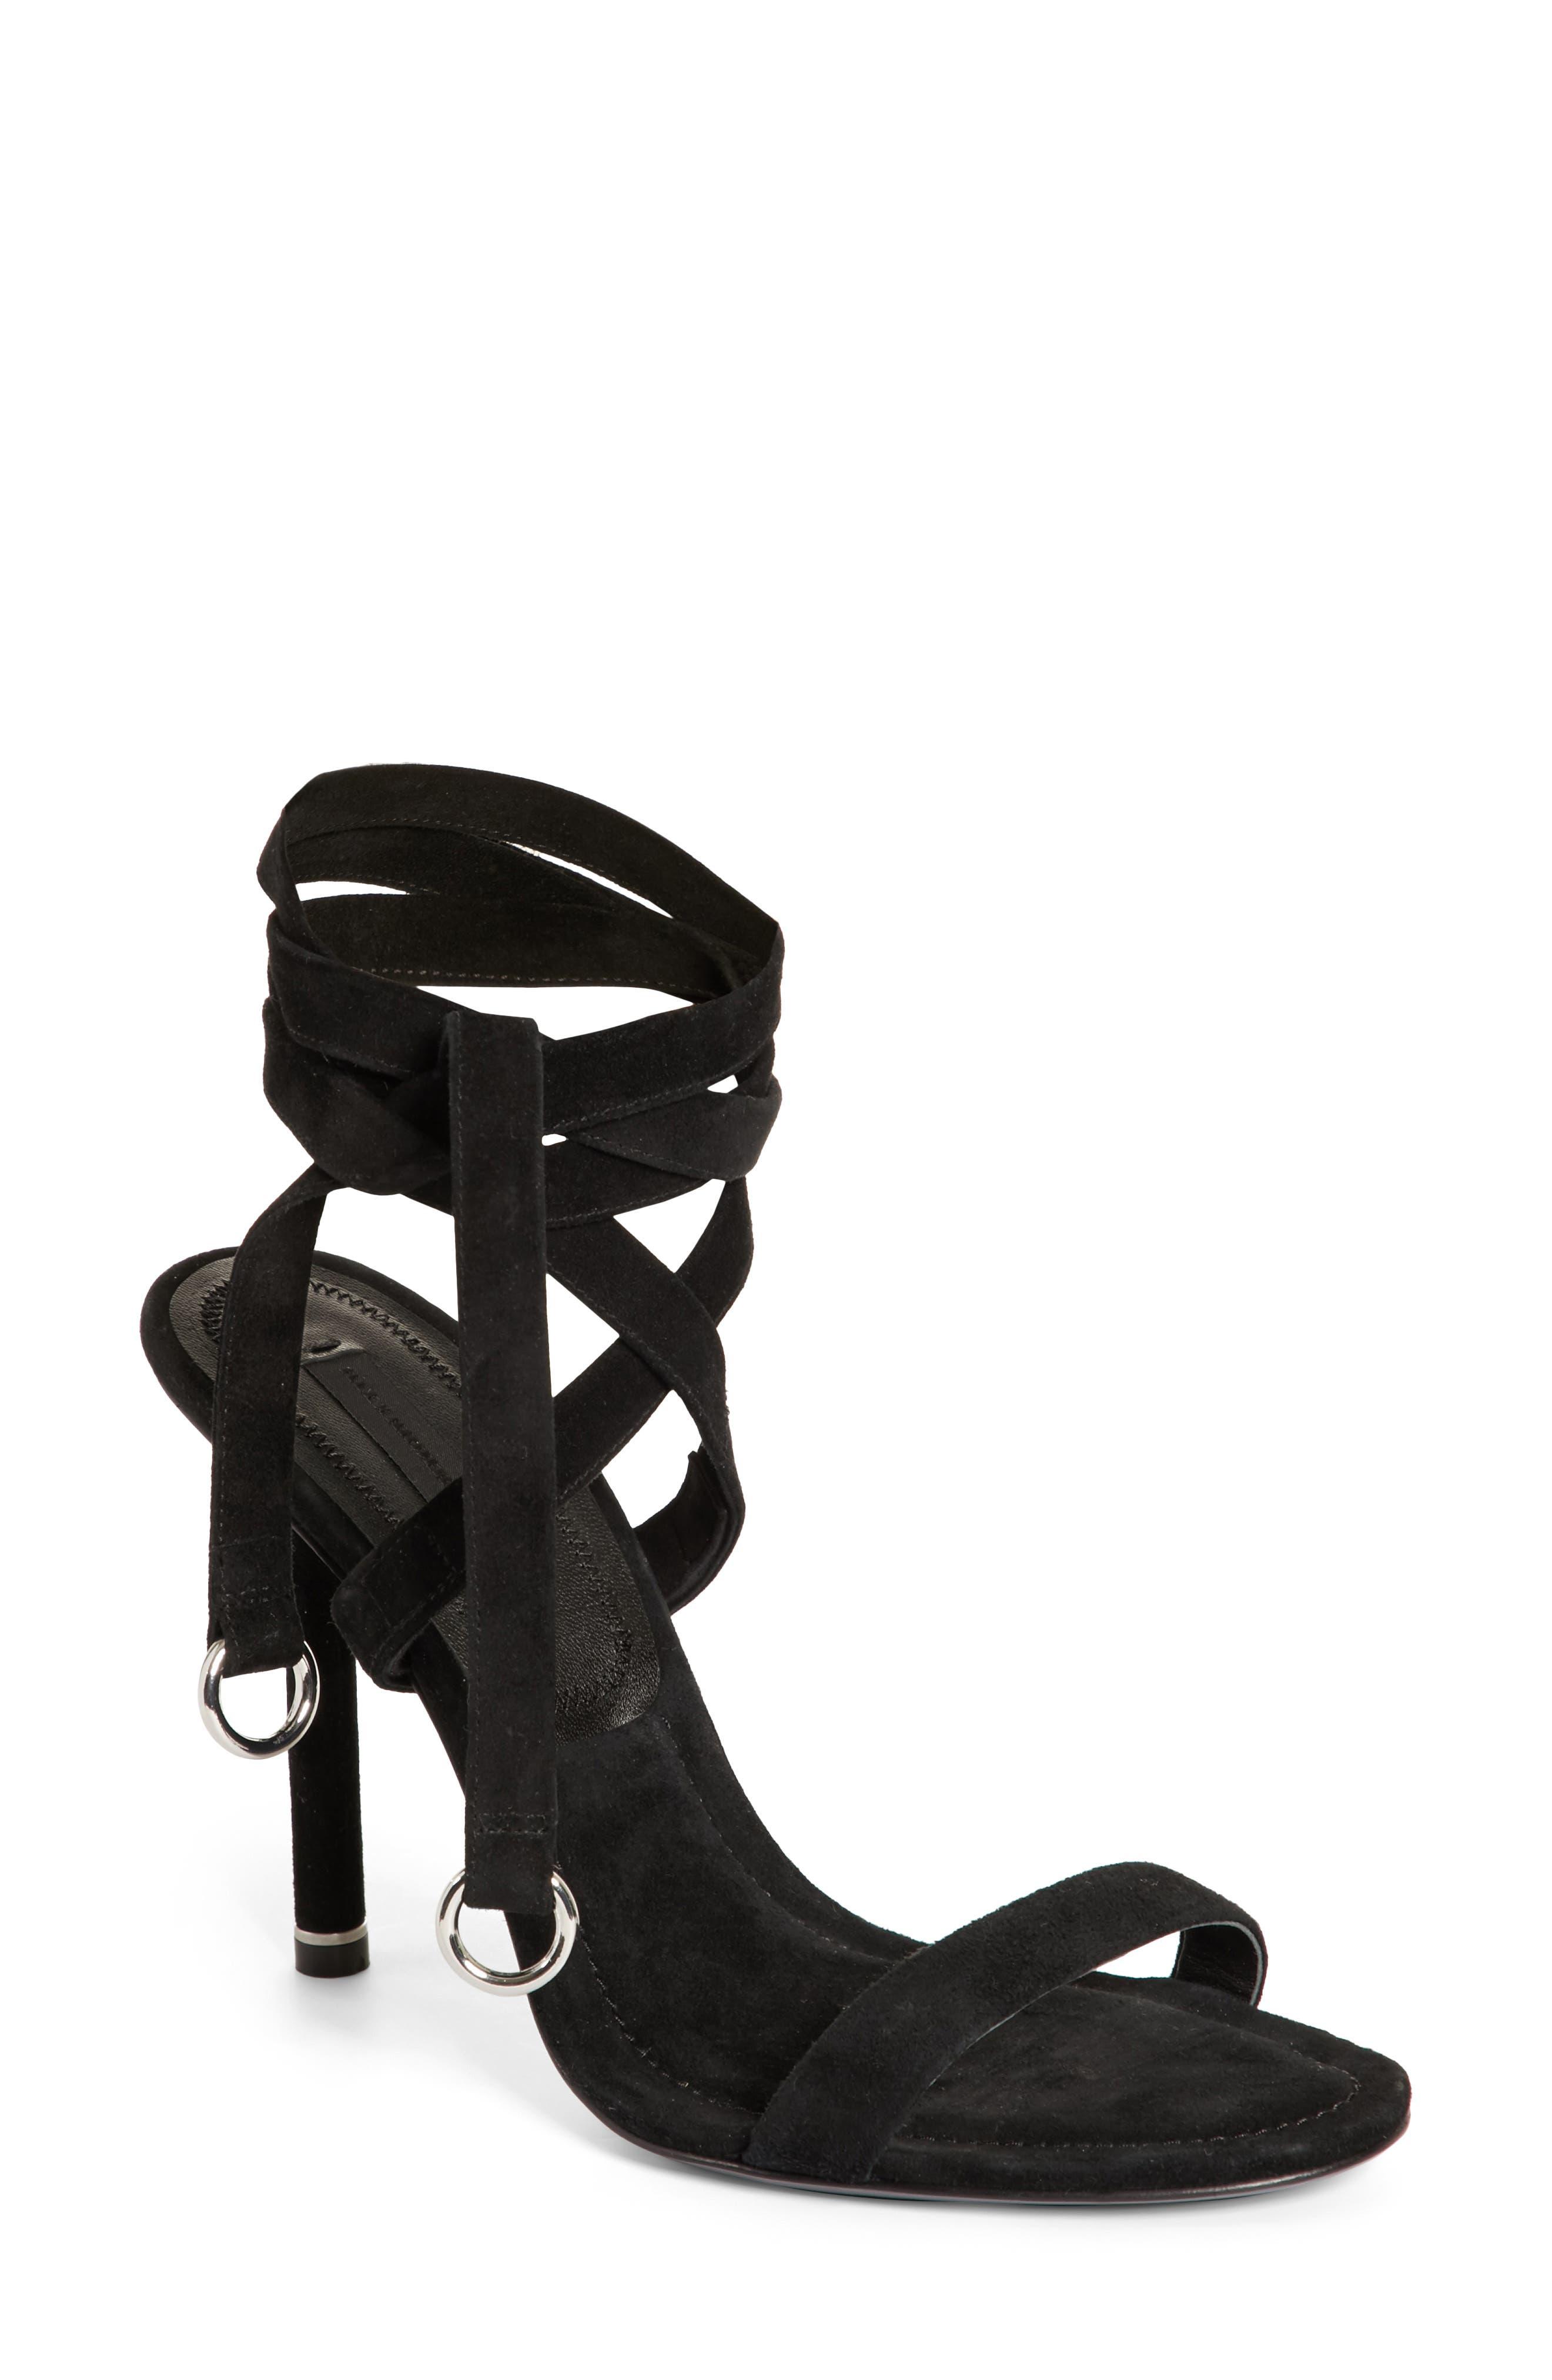 Evie Ankle Tie Sandal,                         Main,                         color, Black